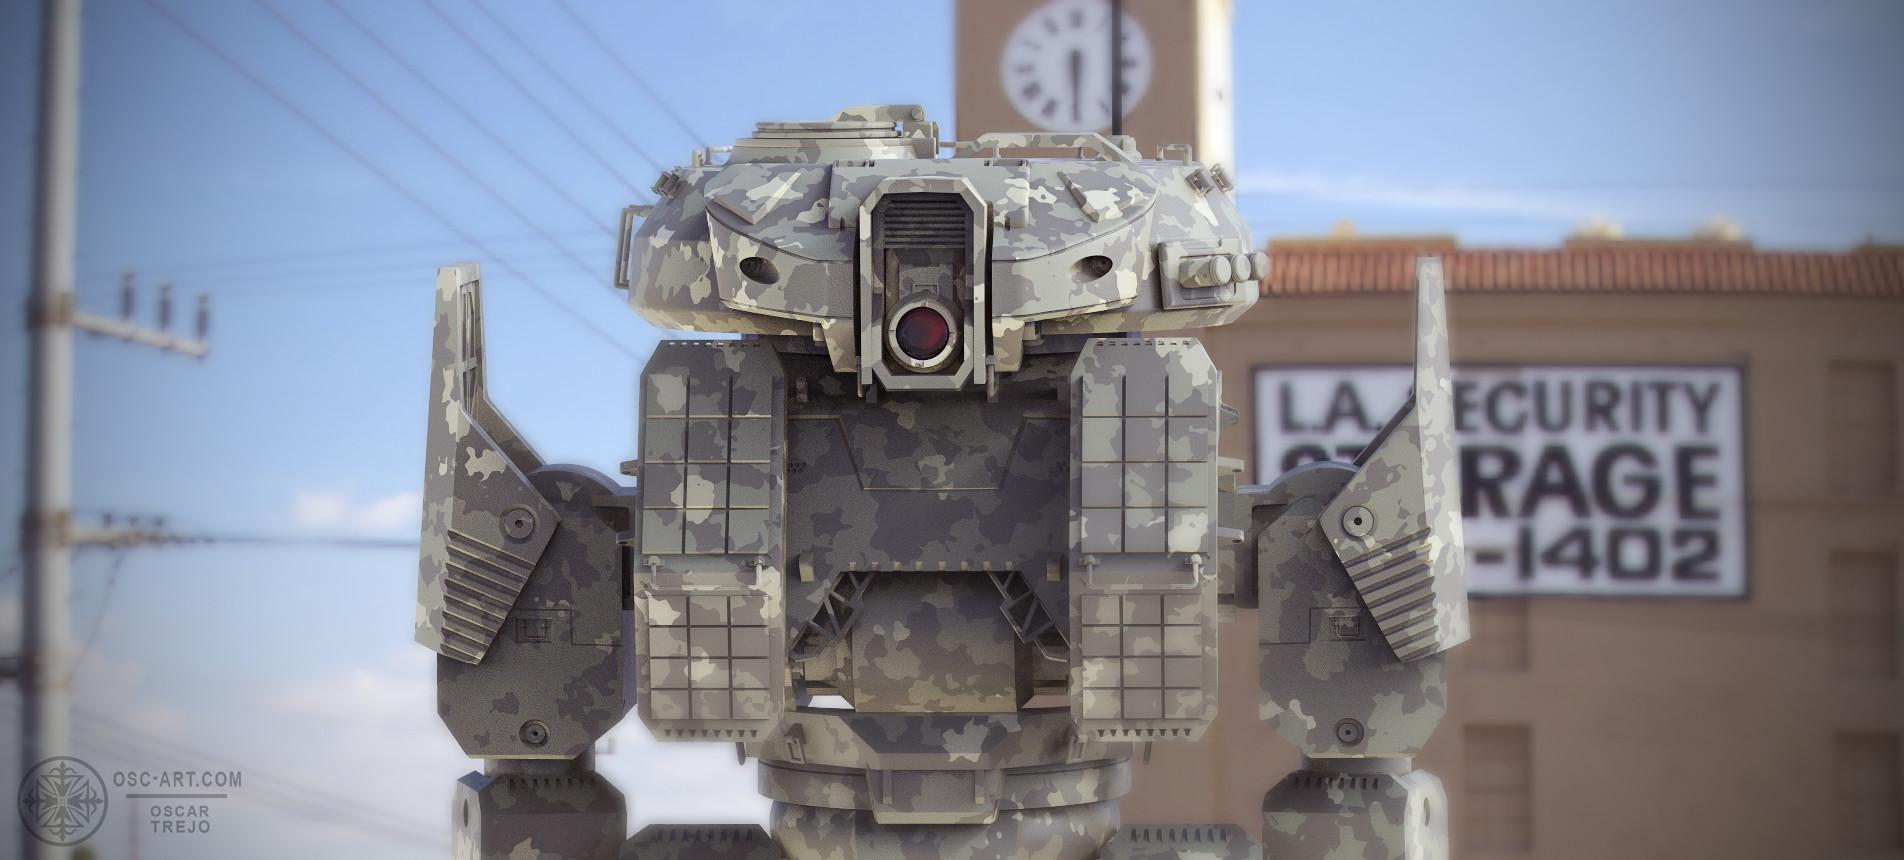 Oscar trejo tank4